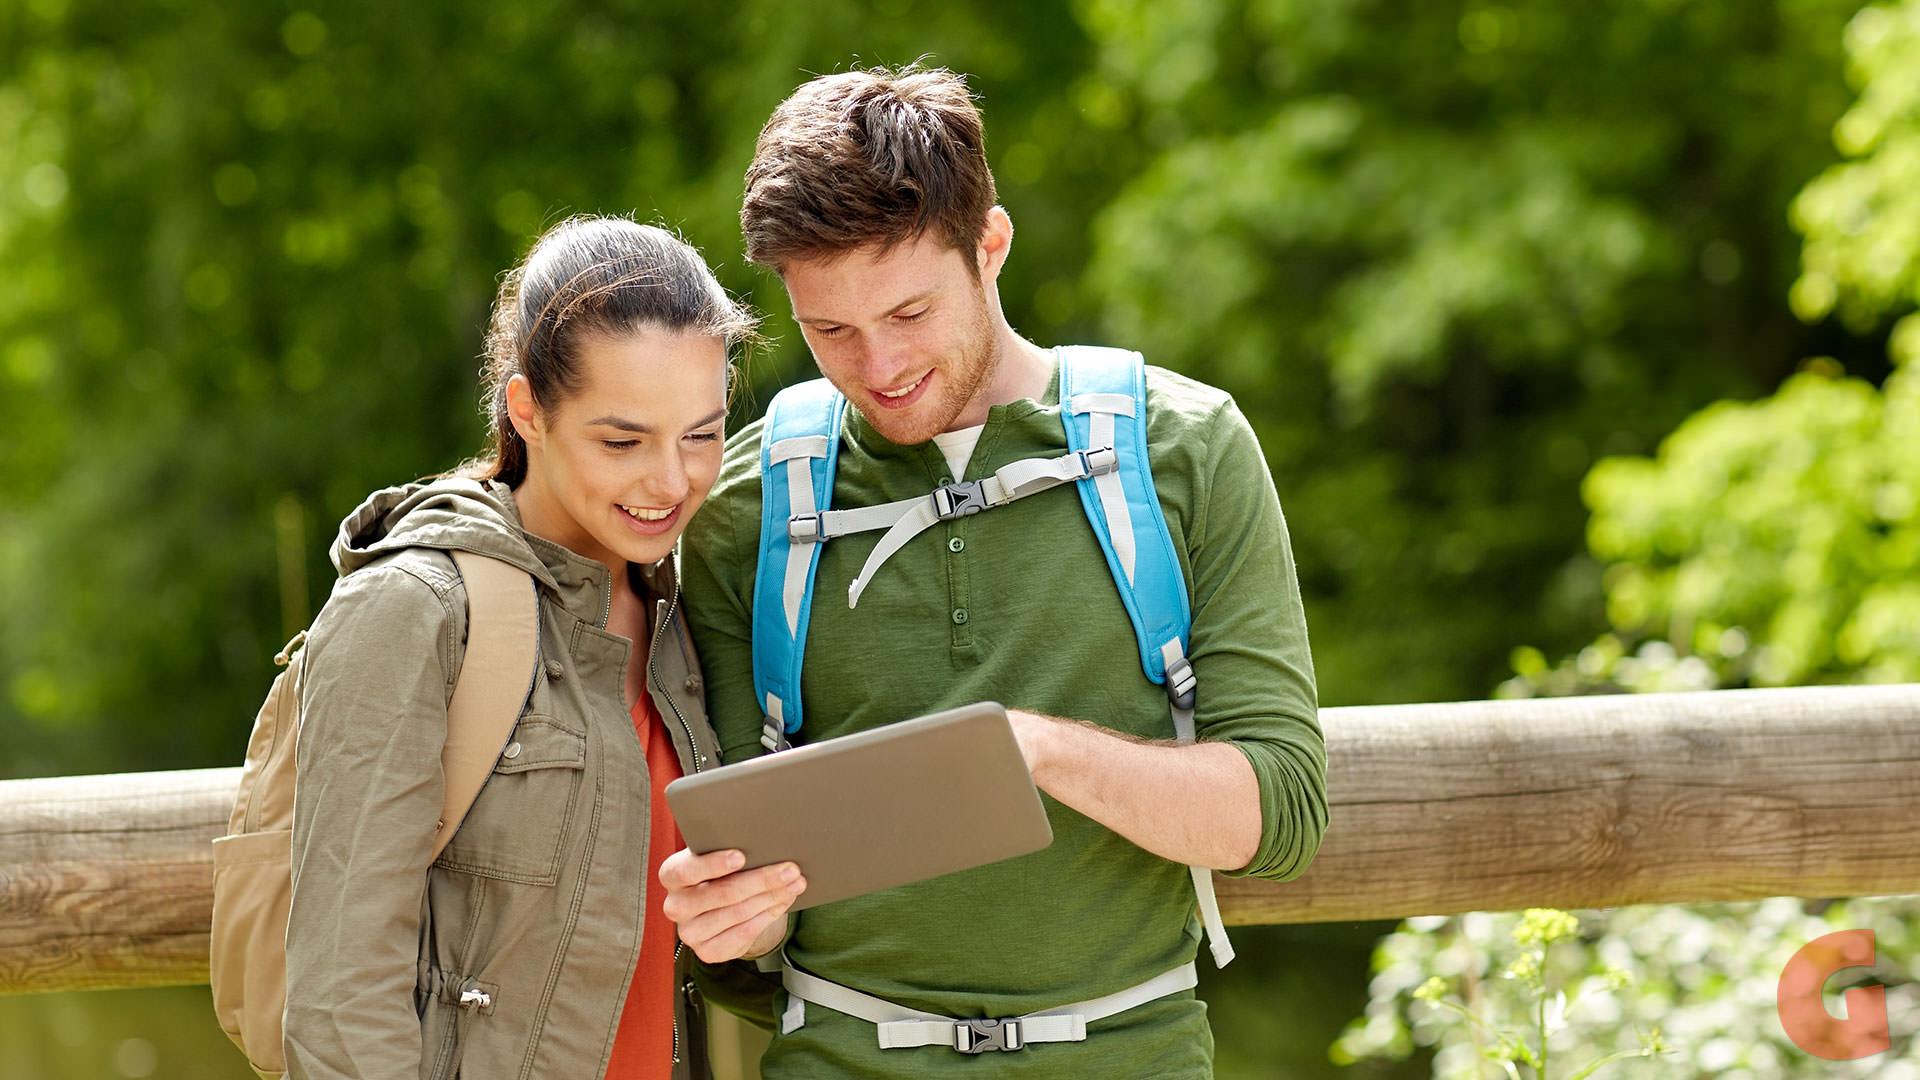 App für Tourismus, Tour Guides und Stadtrallyes im Urlaub und auf Ausflügen - Ausflug App Globe Chaser